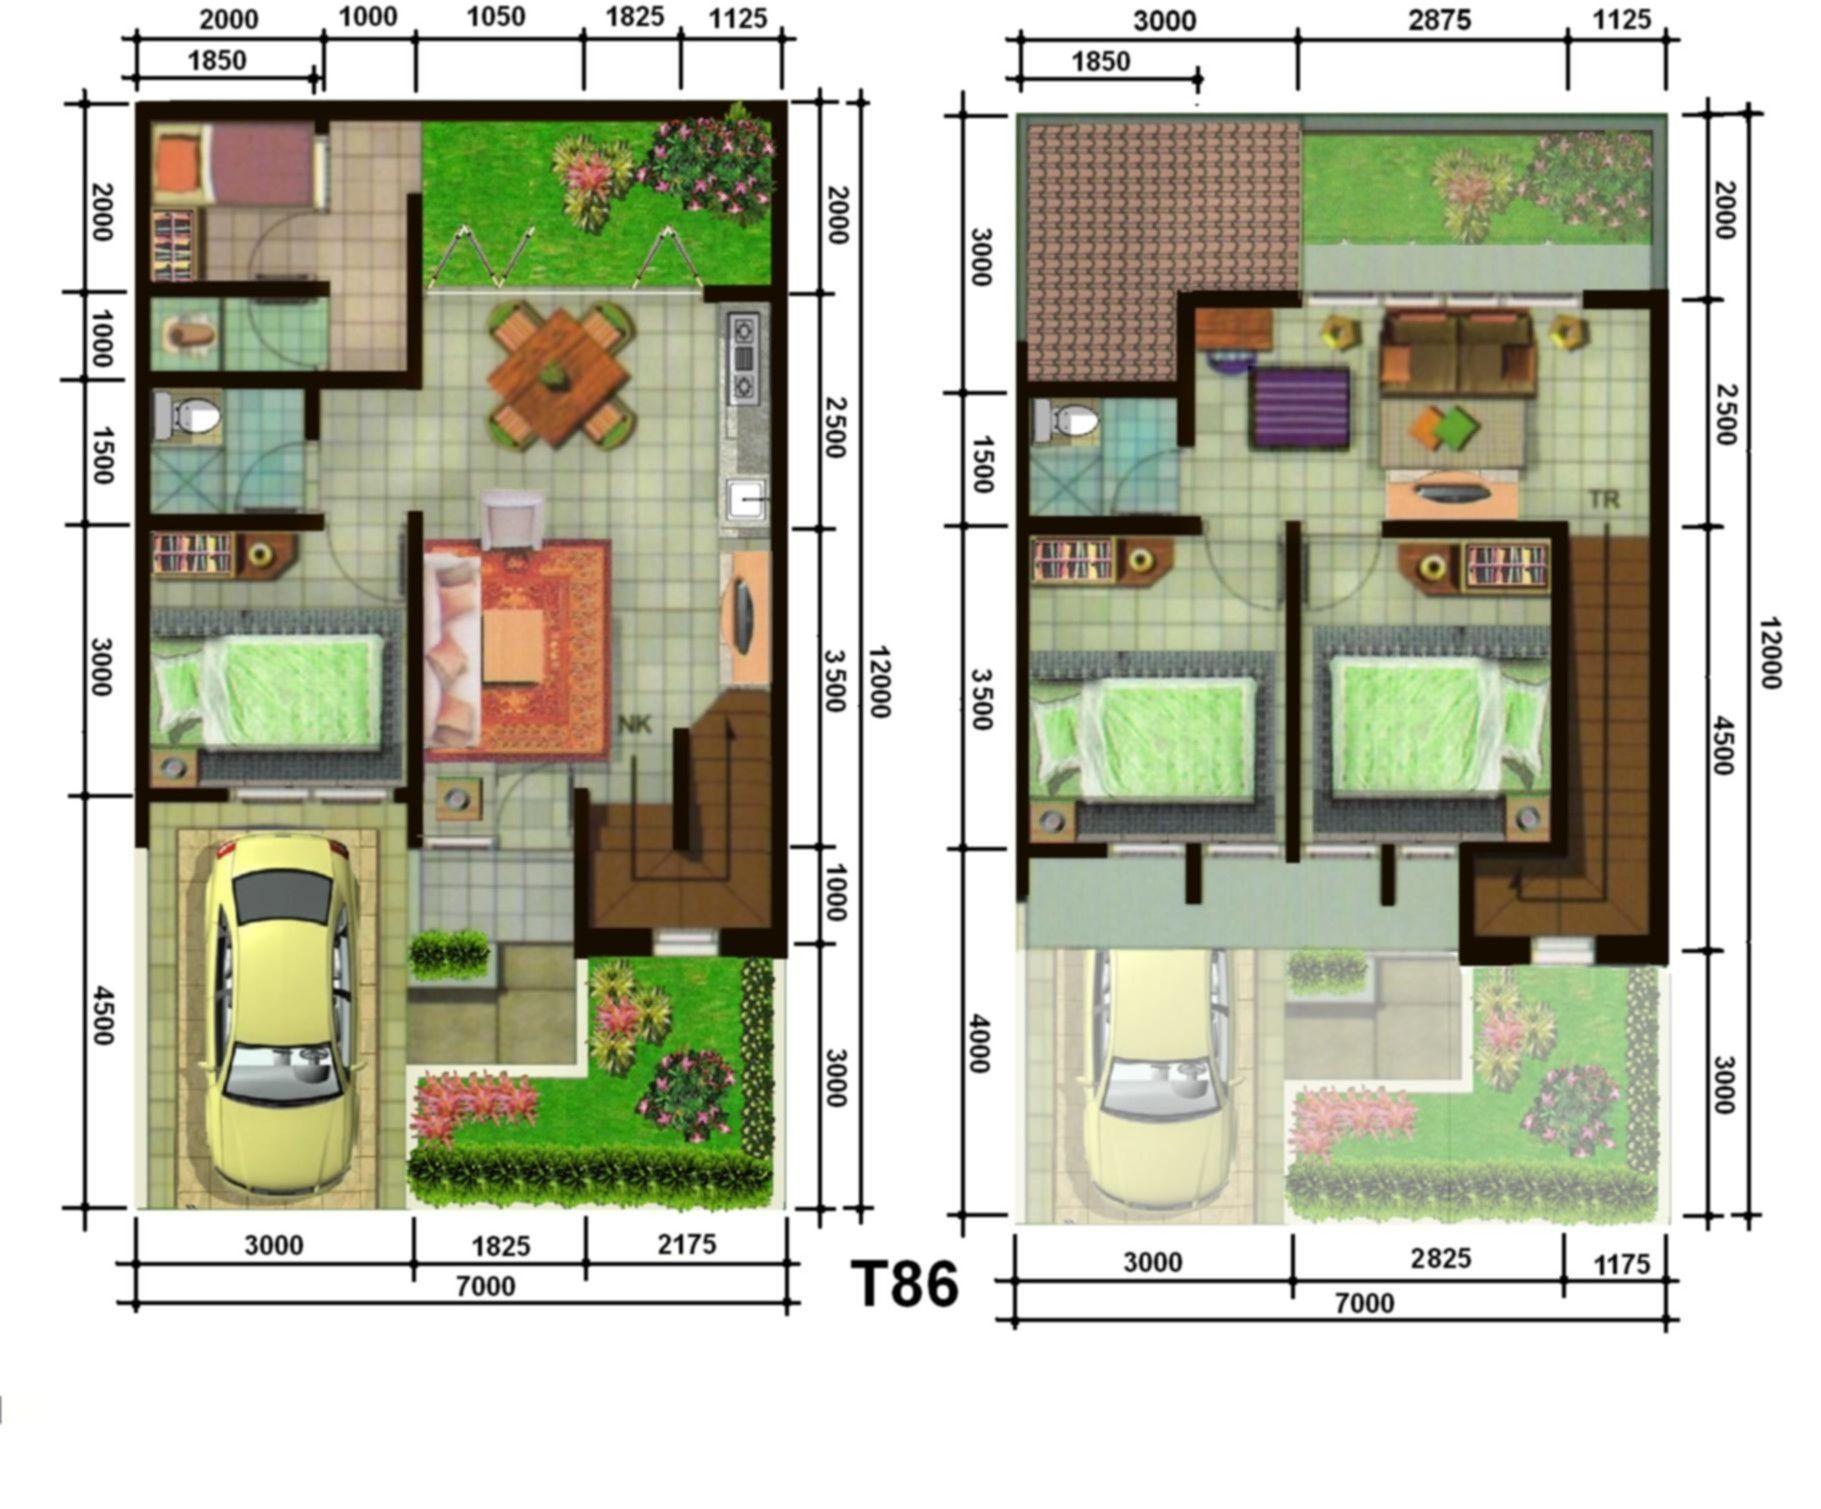 Denah Rumah Minimalis 3 Kamar 2 Wc